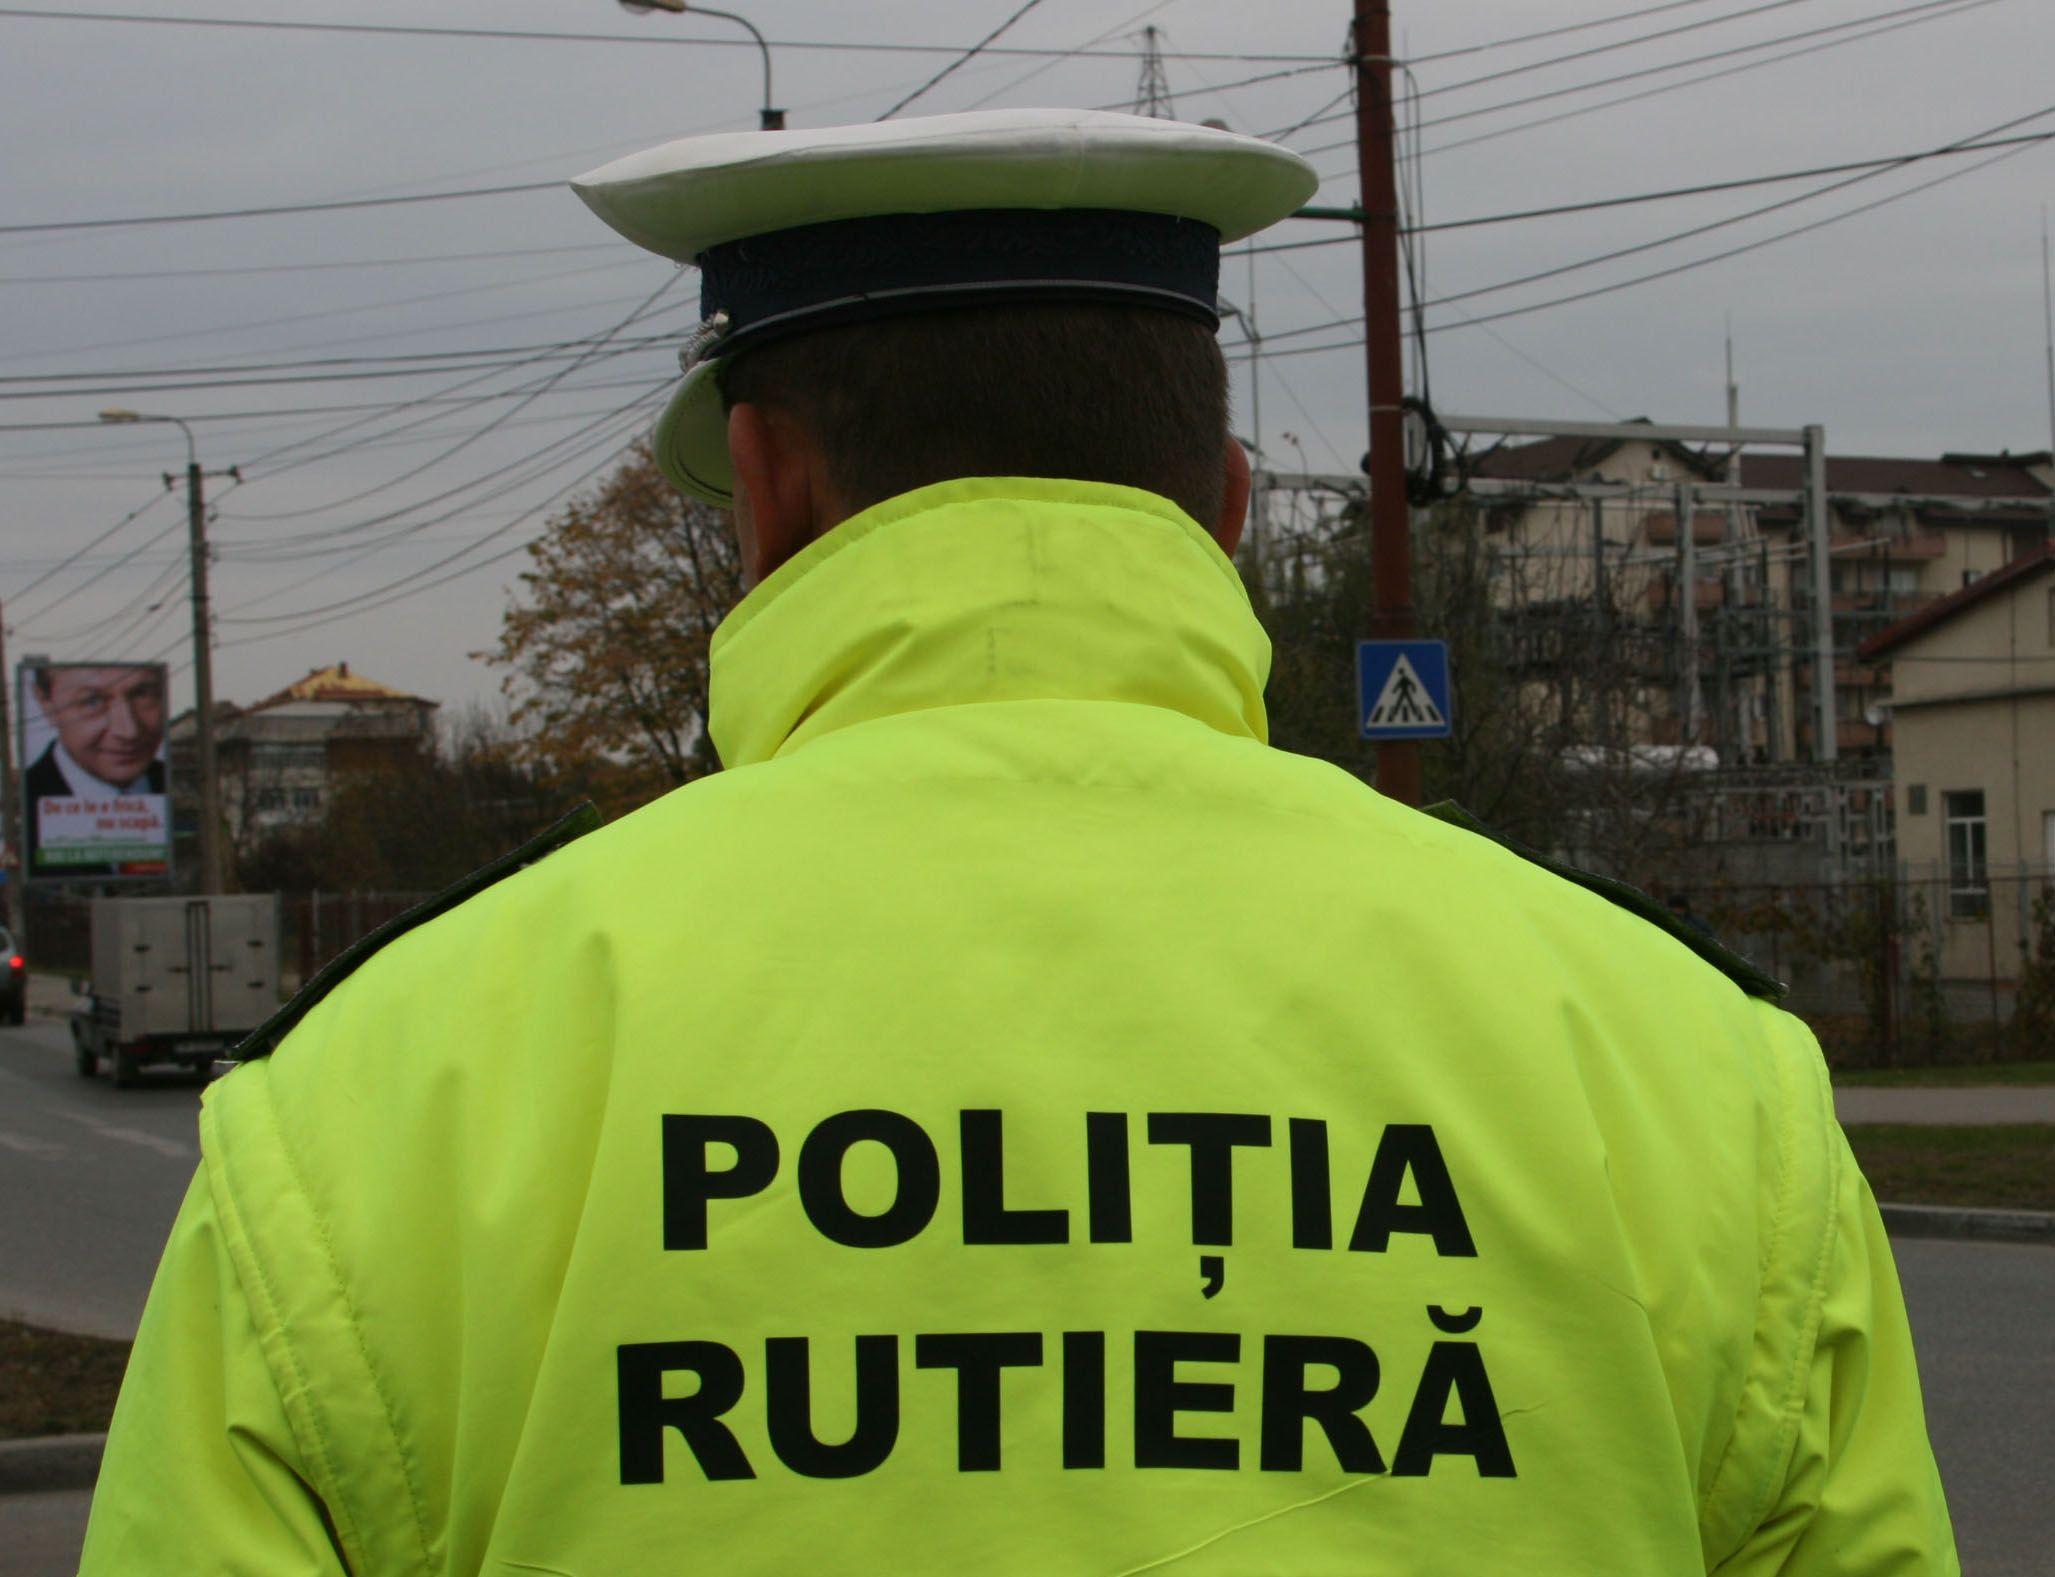 Trei politisti de la Rutiera au fost arestati pentru luare de mita!